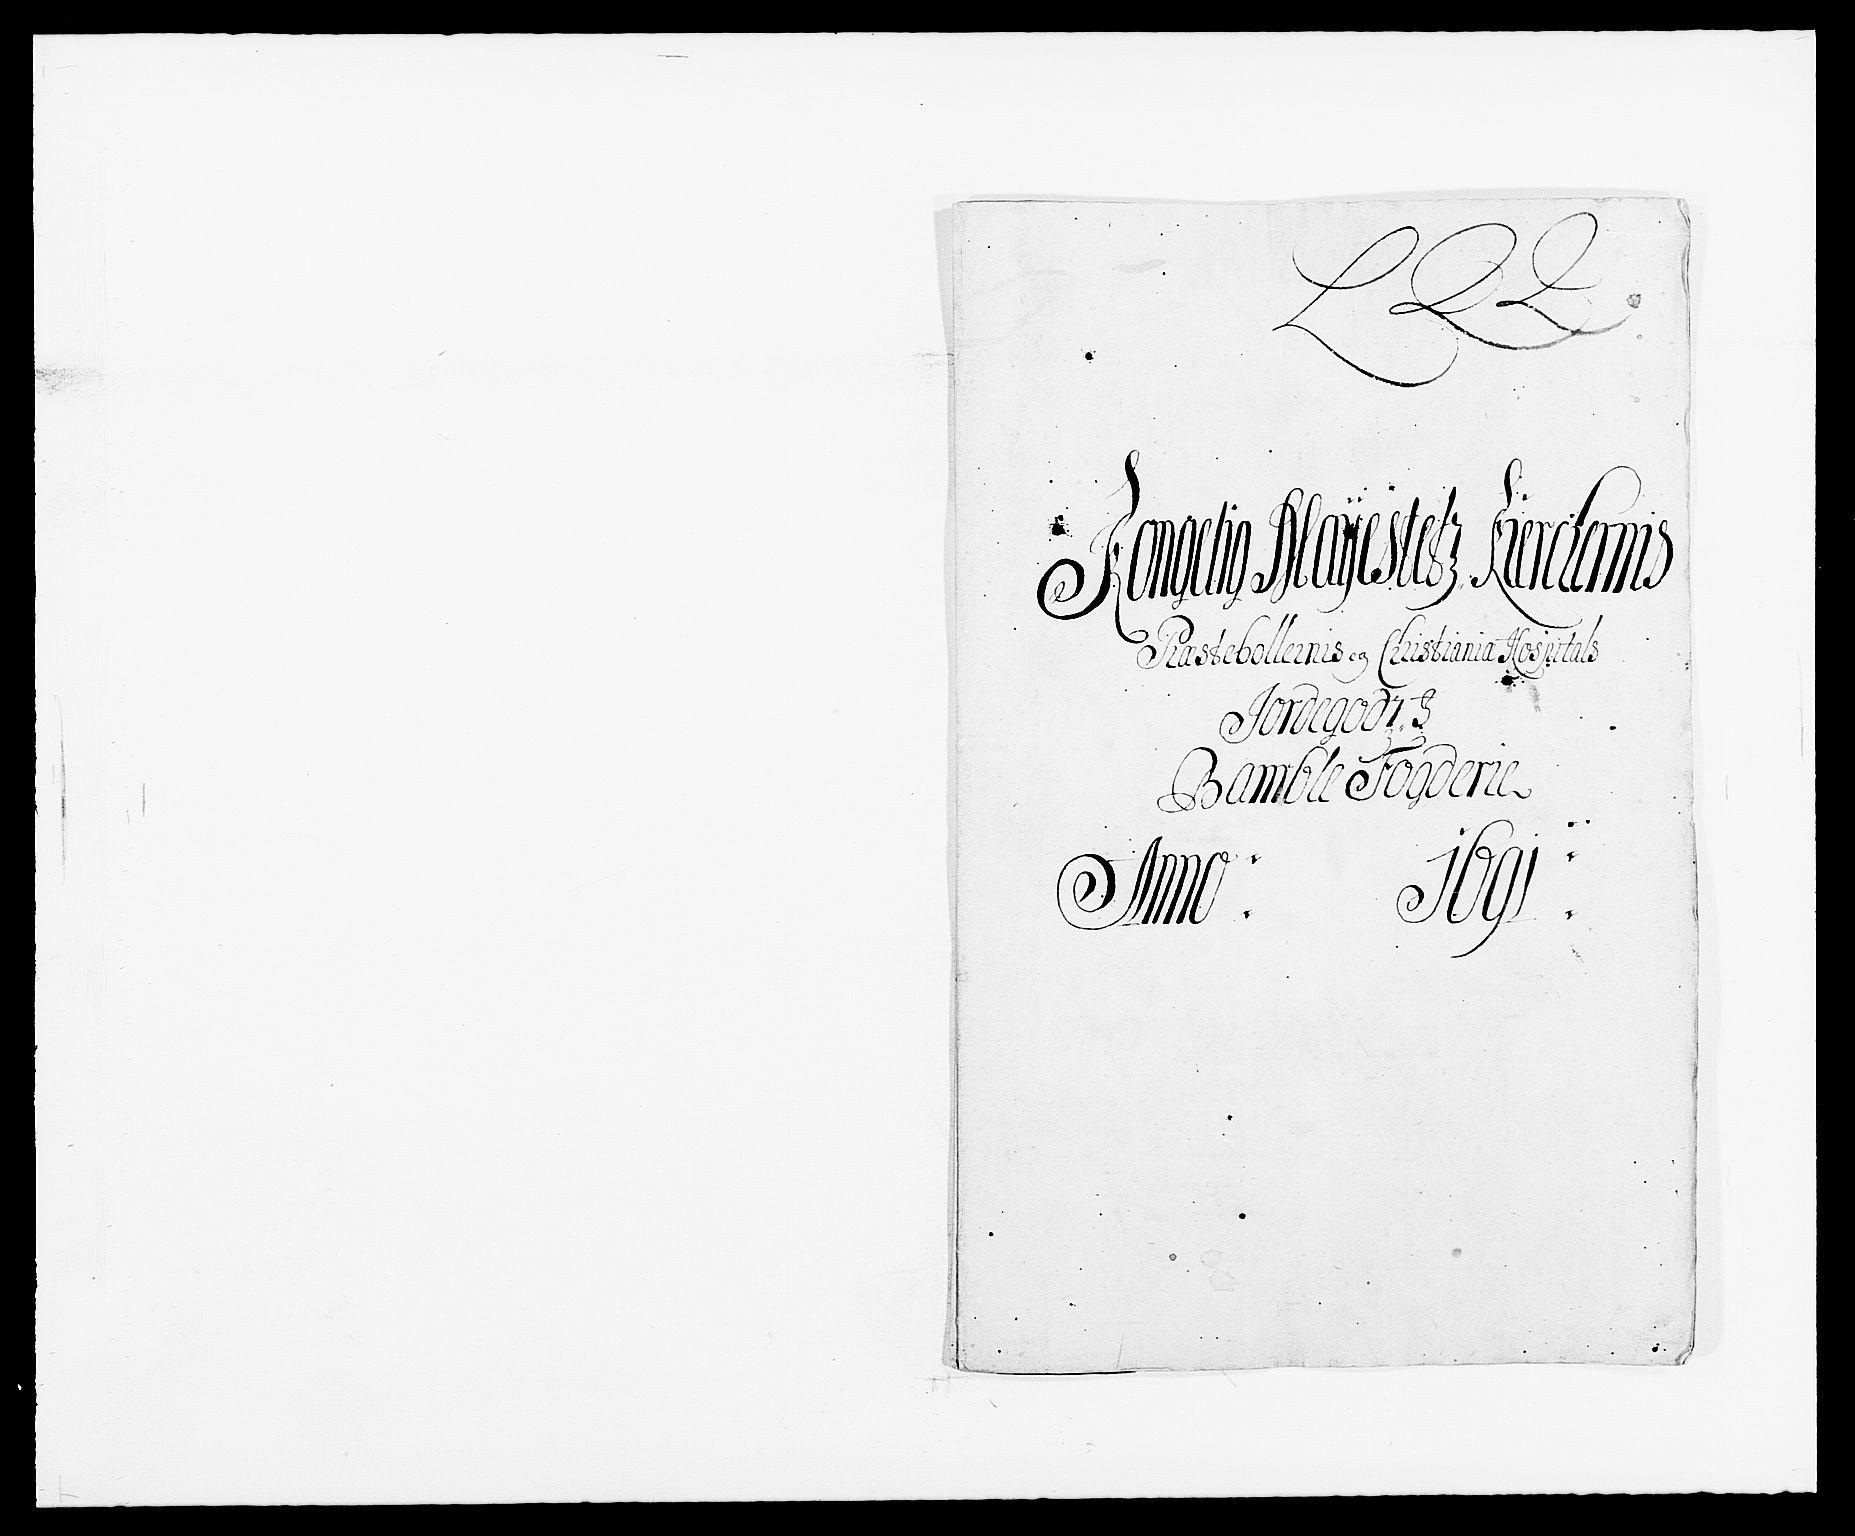 RA, Rentekammeret inntil 1814, Reviderte regnskaper, Fogderegnskap, R34/L2051: Fogderegnskap Bamble, 1688-1691, s. 295